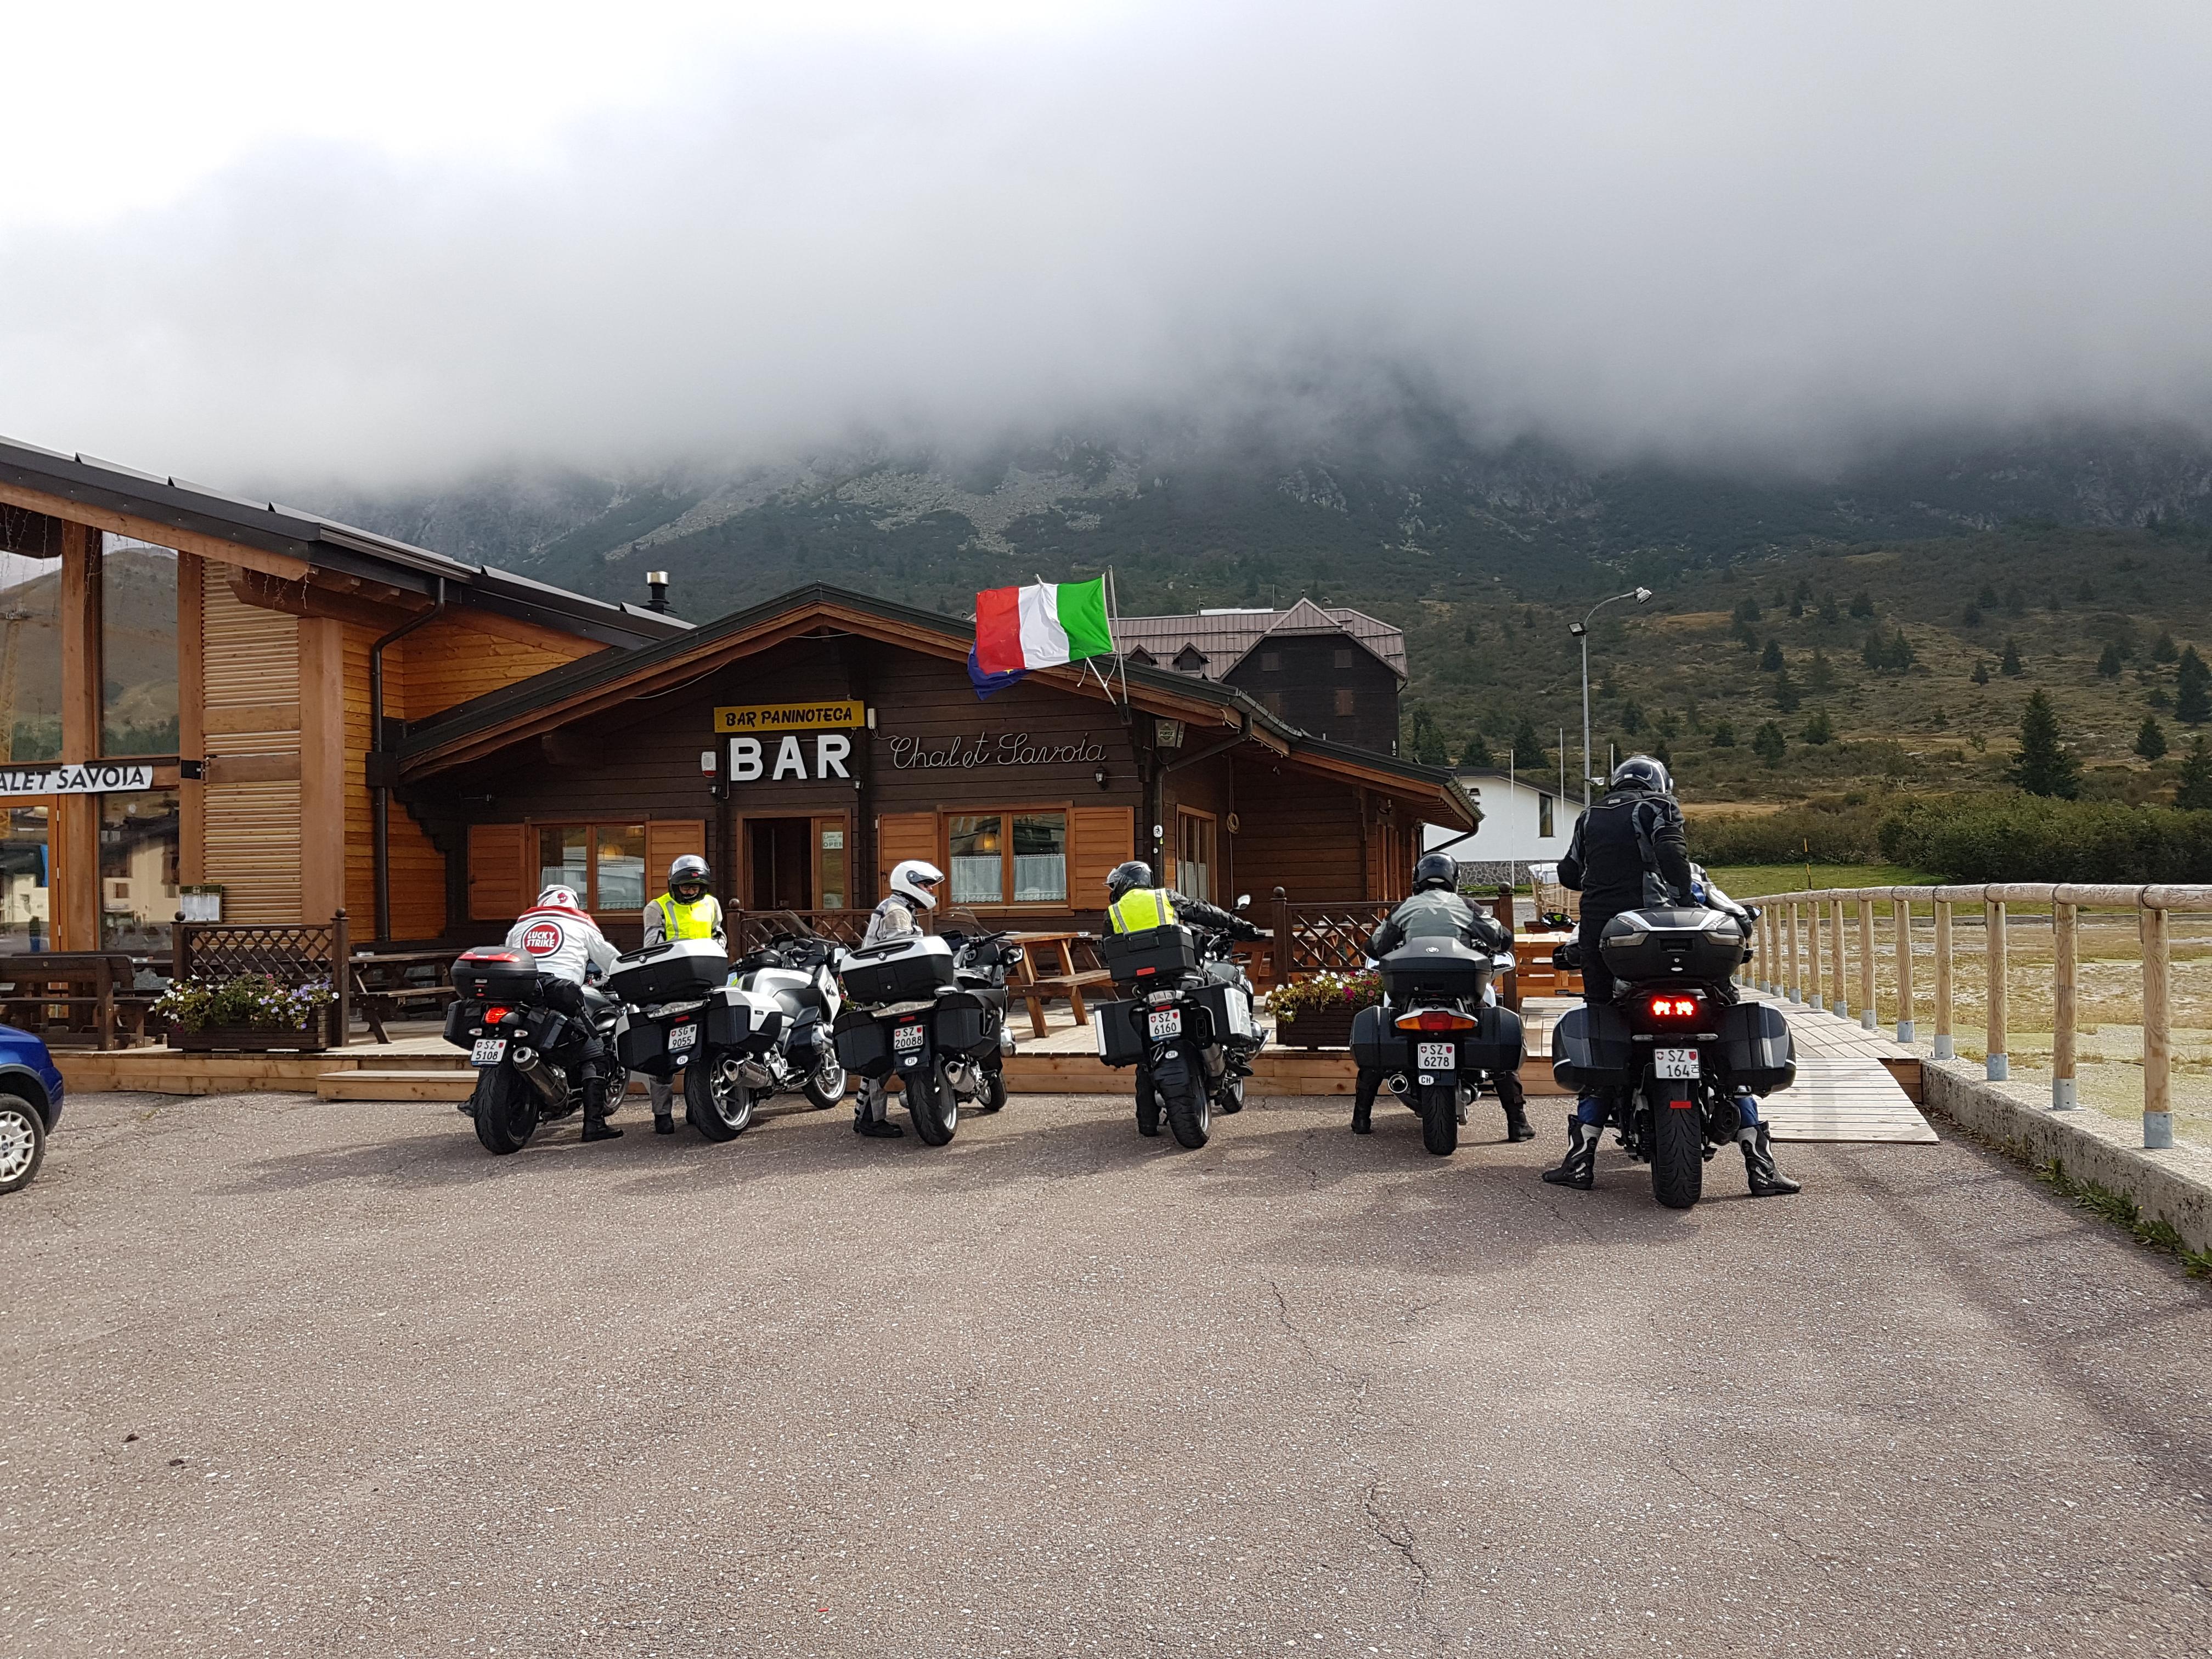 20190919-Viertäger_Trentino_(08)